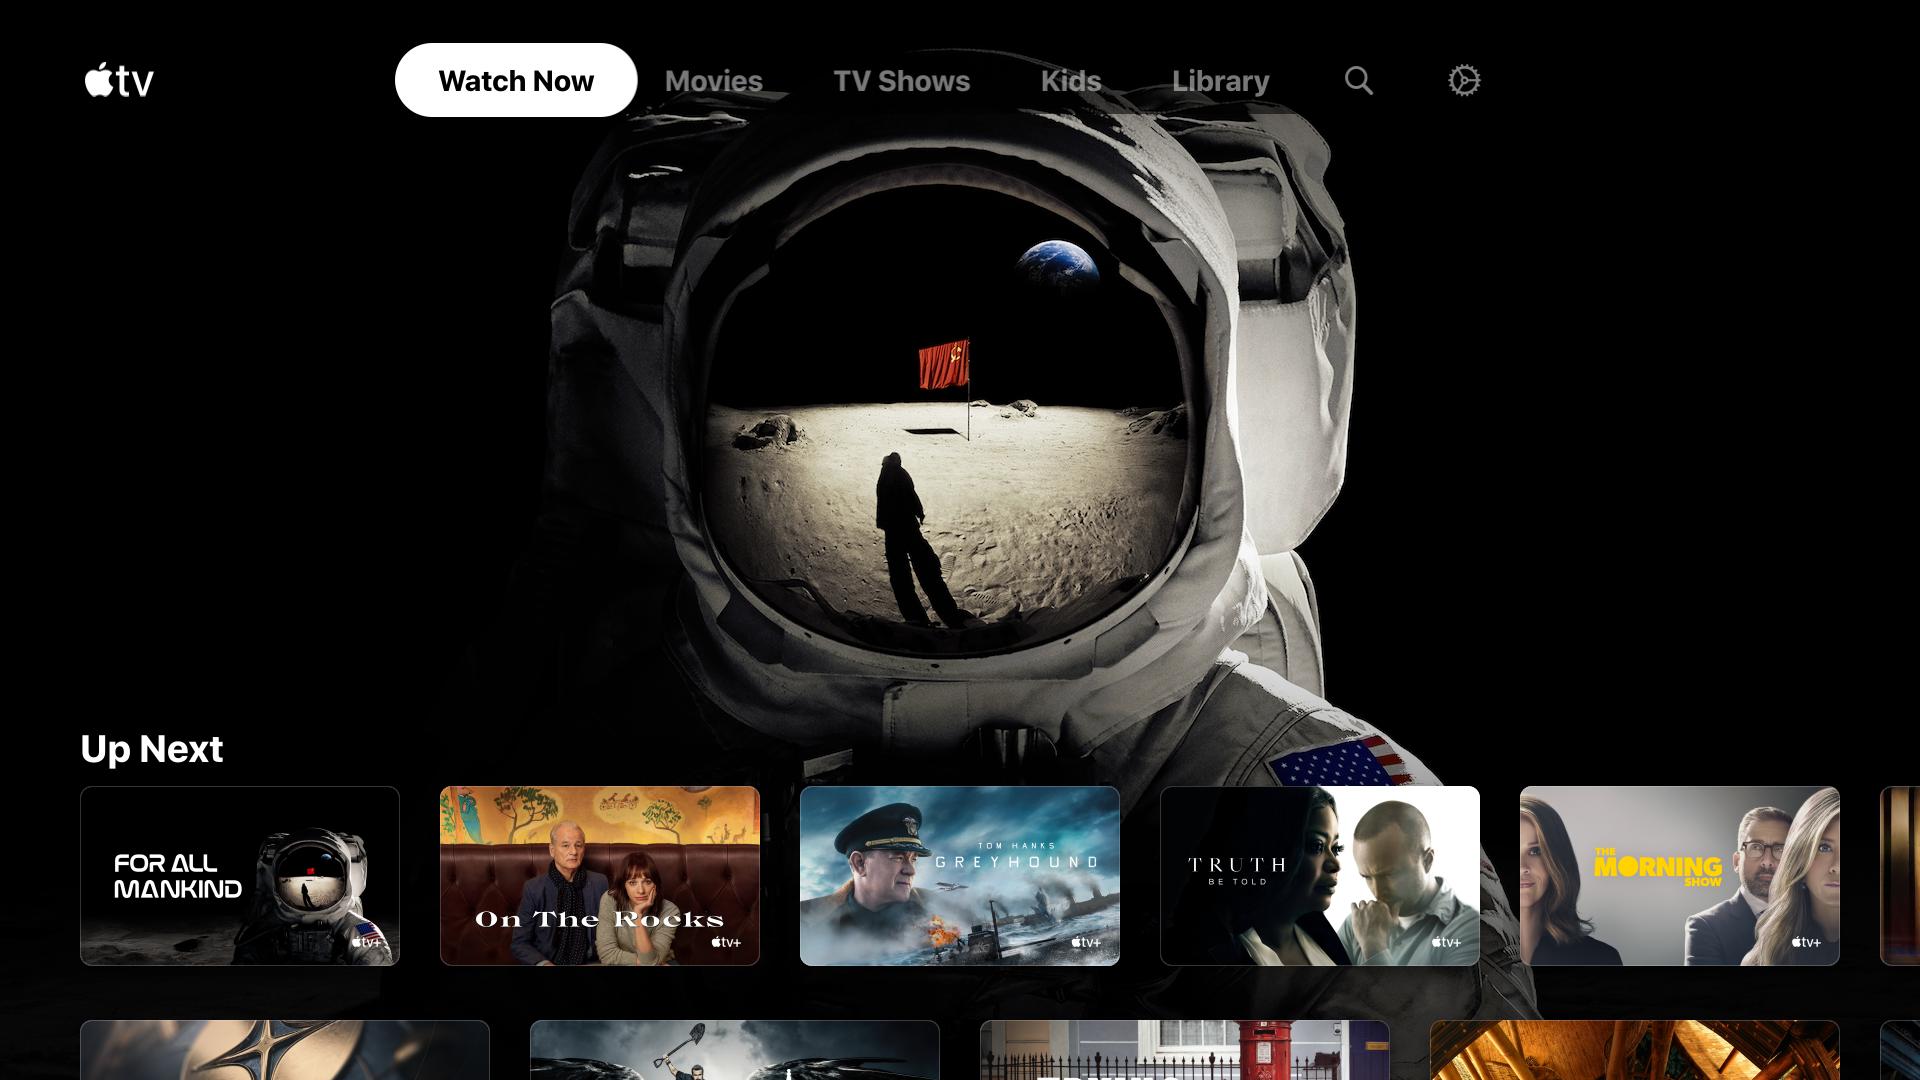 โซนี่เปิดตัวแอพ Apple TV บนสมาร์ททีวีหลายรุ่น